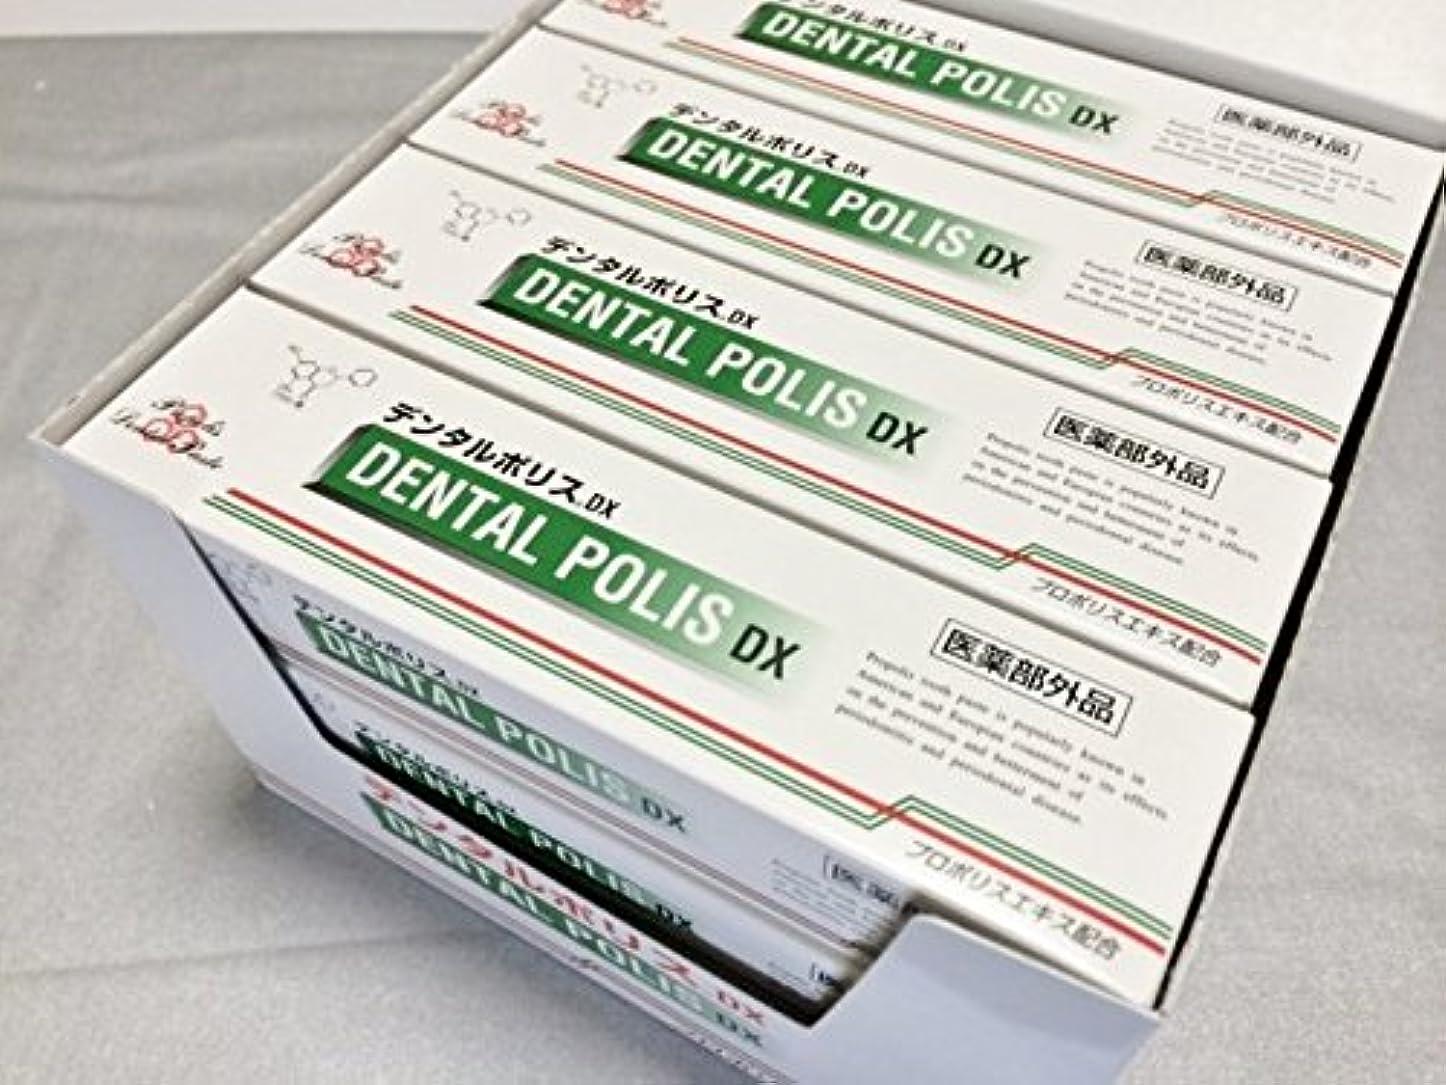 トレーダー植物学変形デンタルポリス DX 12本セット 医薬部外品